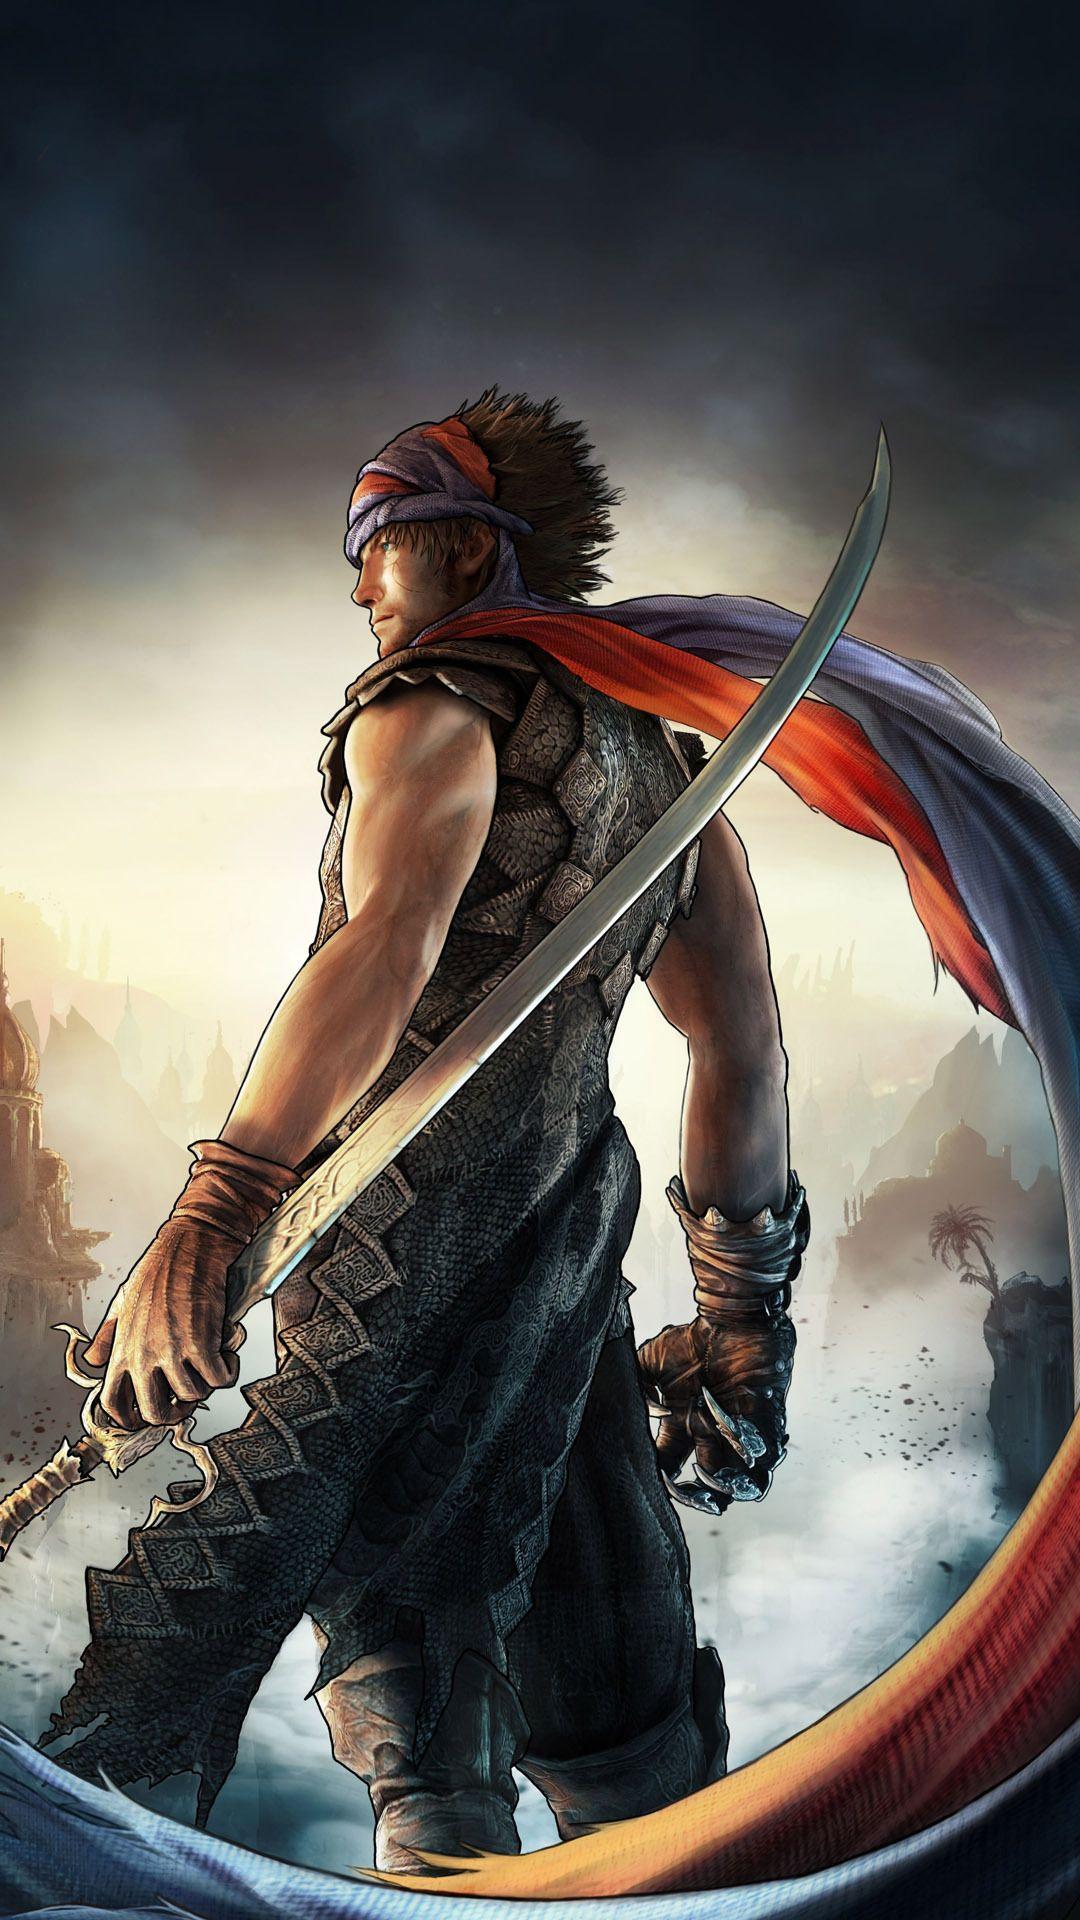 Prince of Persia HD Wallpaper x ID